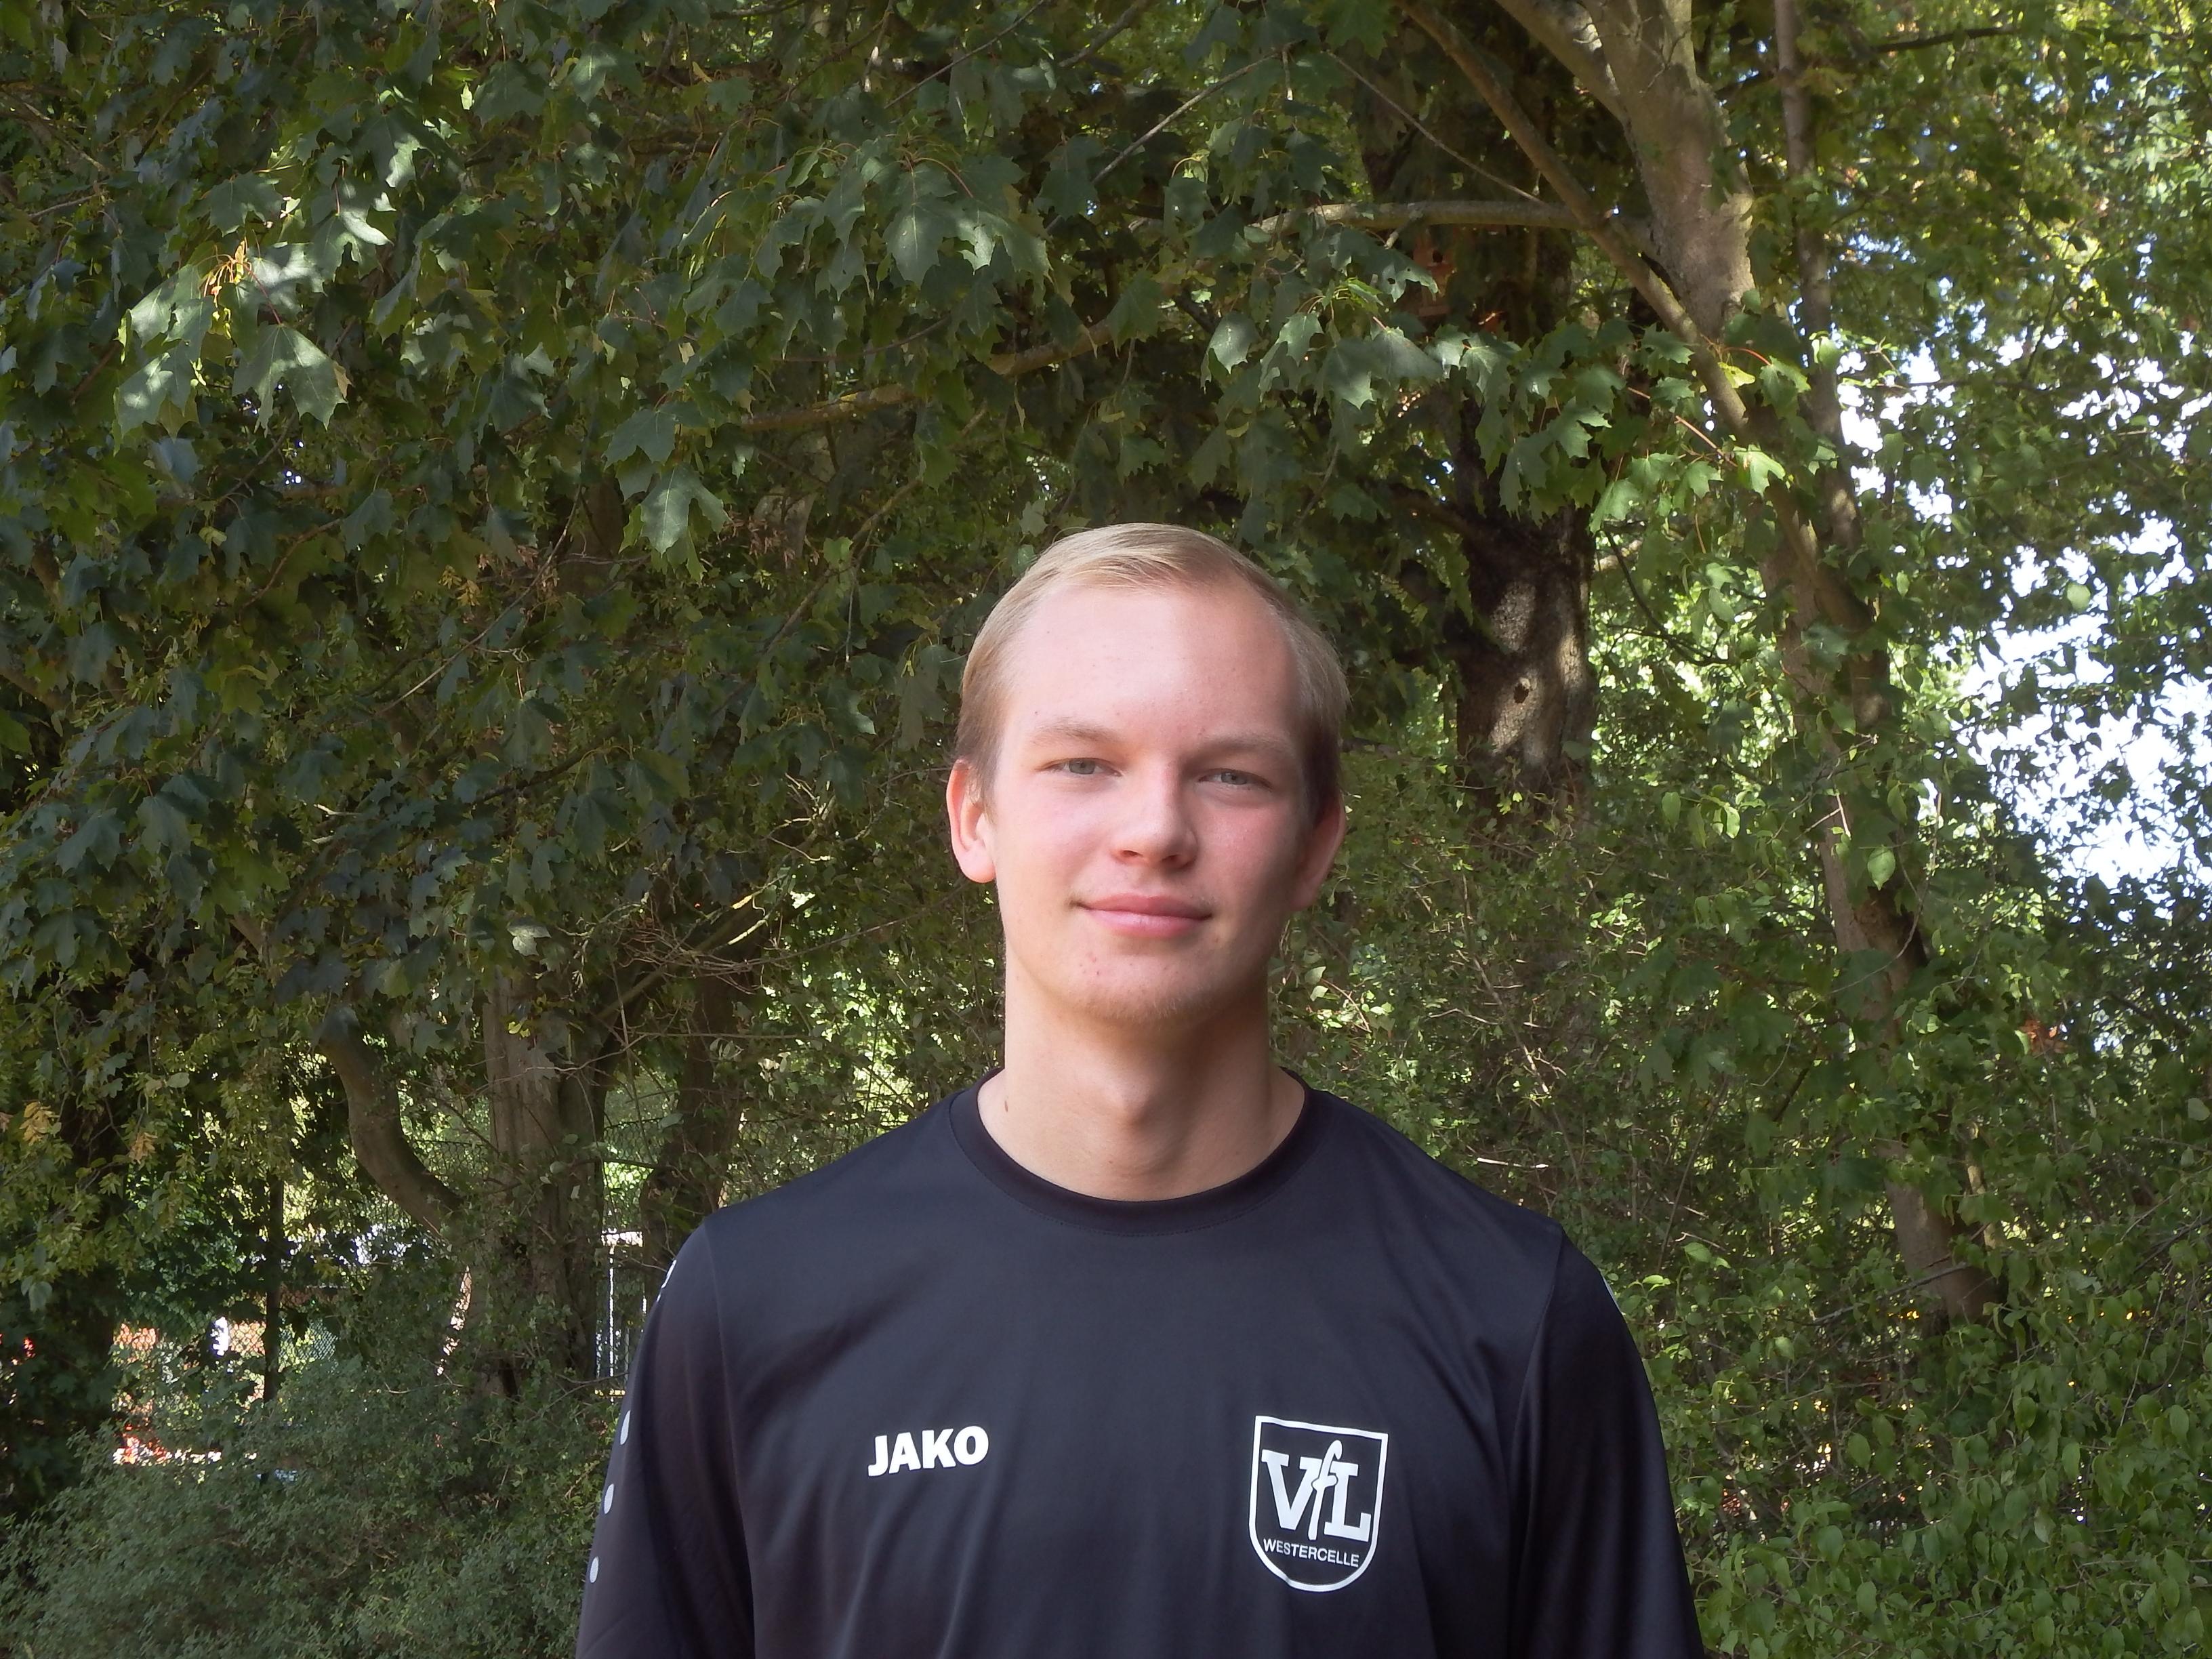 Johannes Wunsch